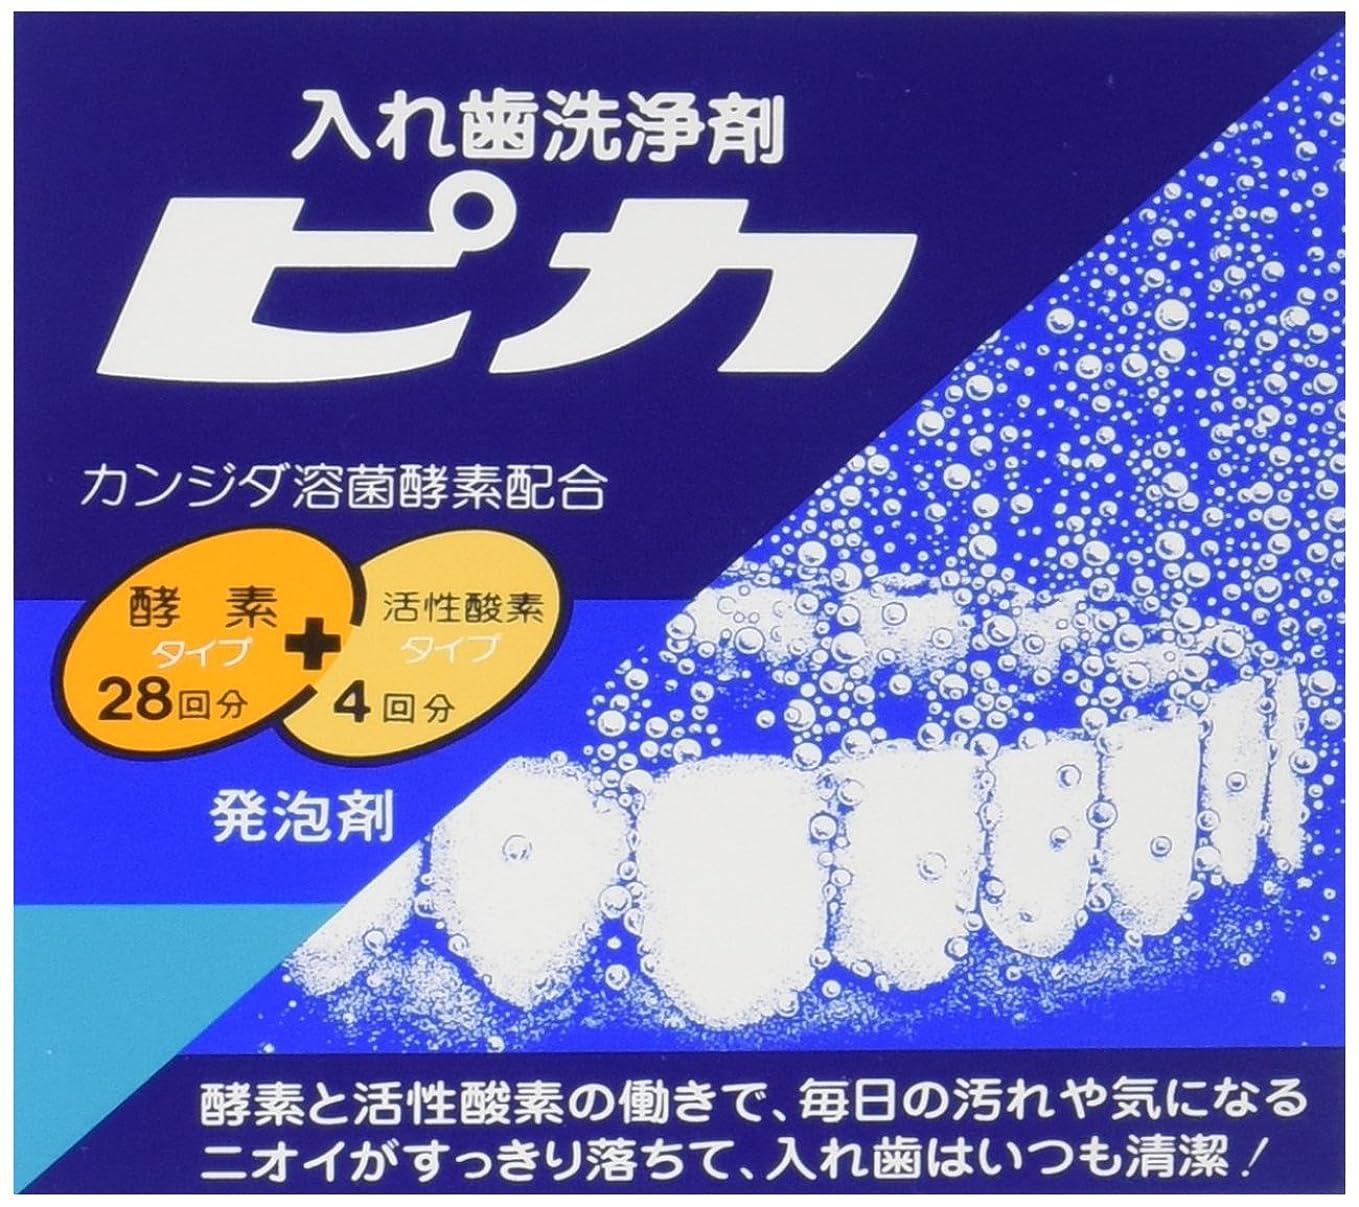 憲法マリナー肉ロート製薬 入れ歯洗浄剤ピカ カンジダ菌溶菌酵素配合 28錠+4包